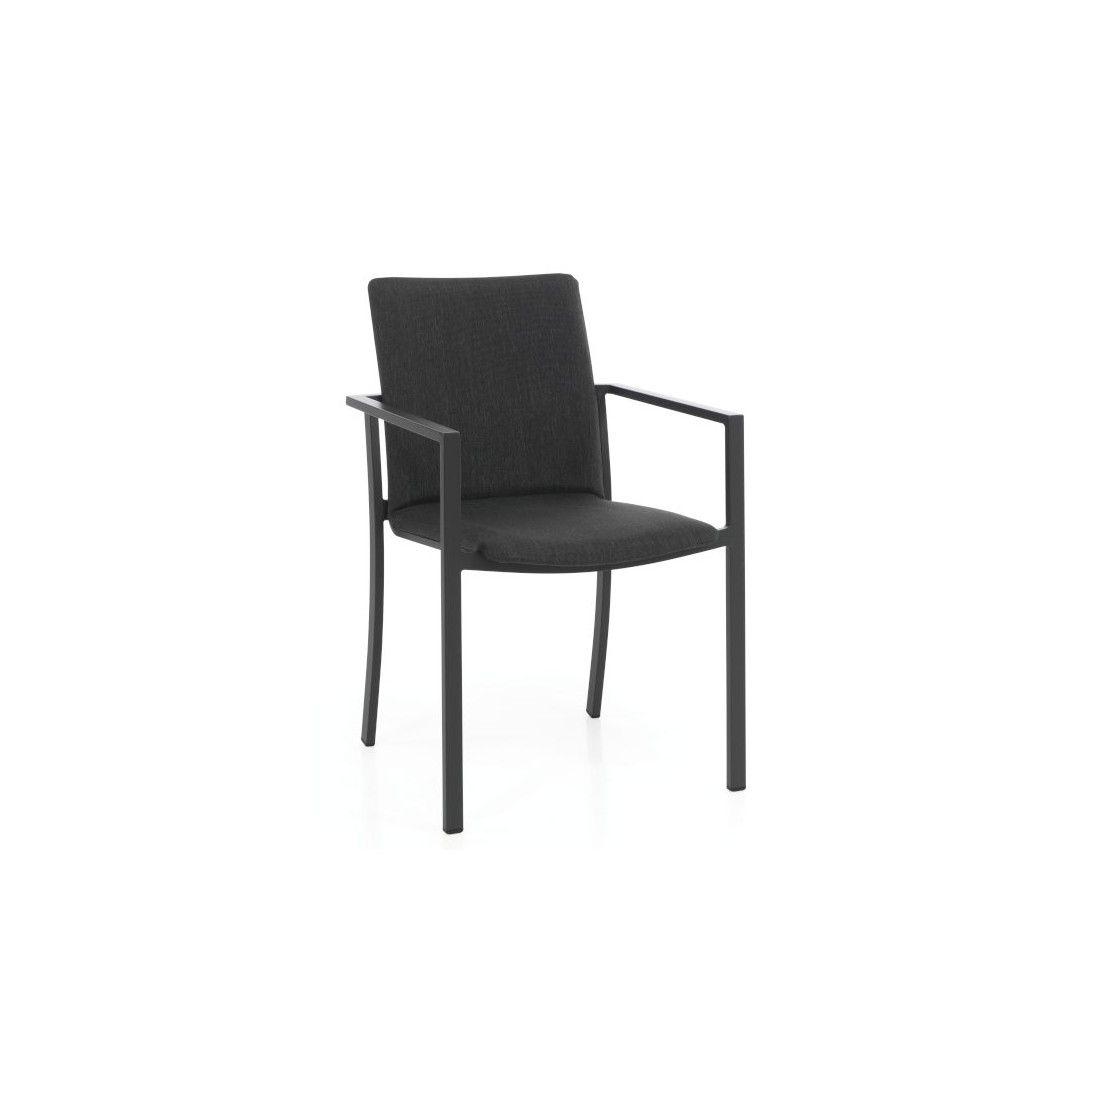 Chaise de jardin empilable en alu mat et textylène ou olefin, Toul